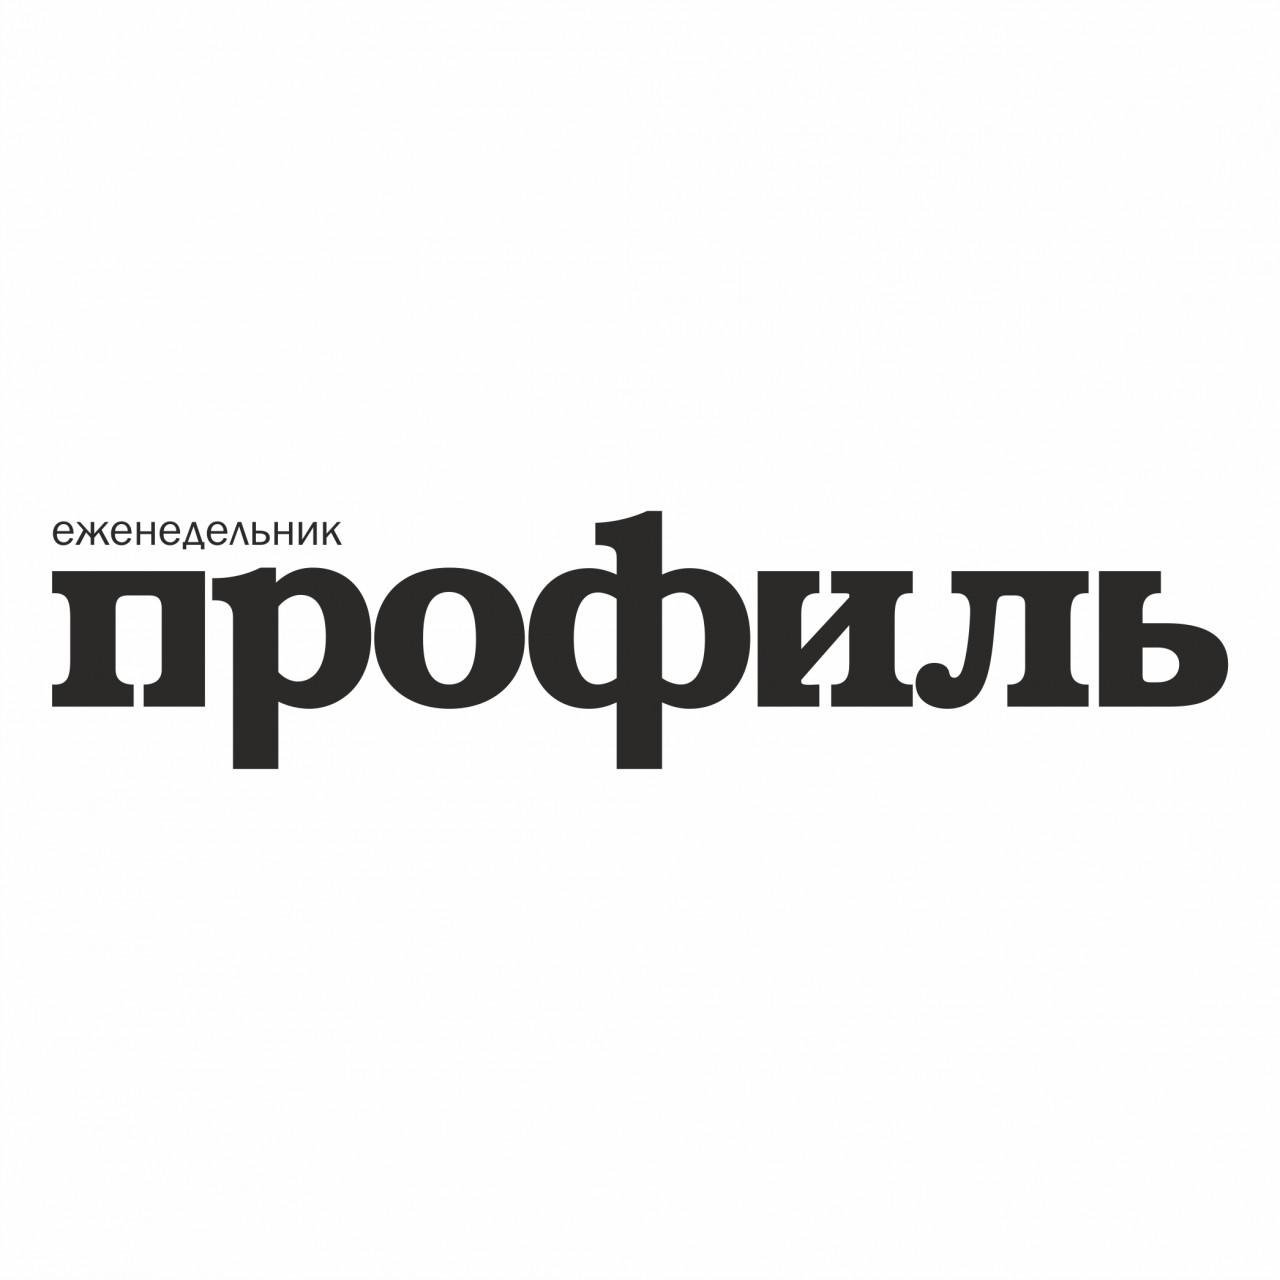 В Госдуме назвали сроки рассмотрения пенсионной реформы